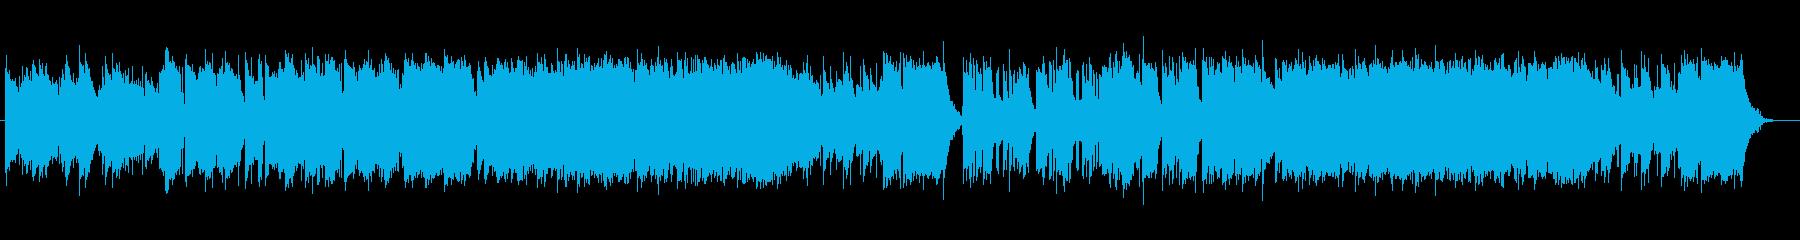 ゆったりとしたシンセバラードの再生済みの波形